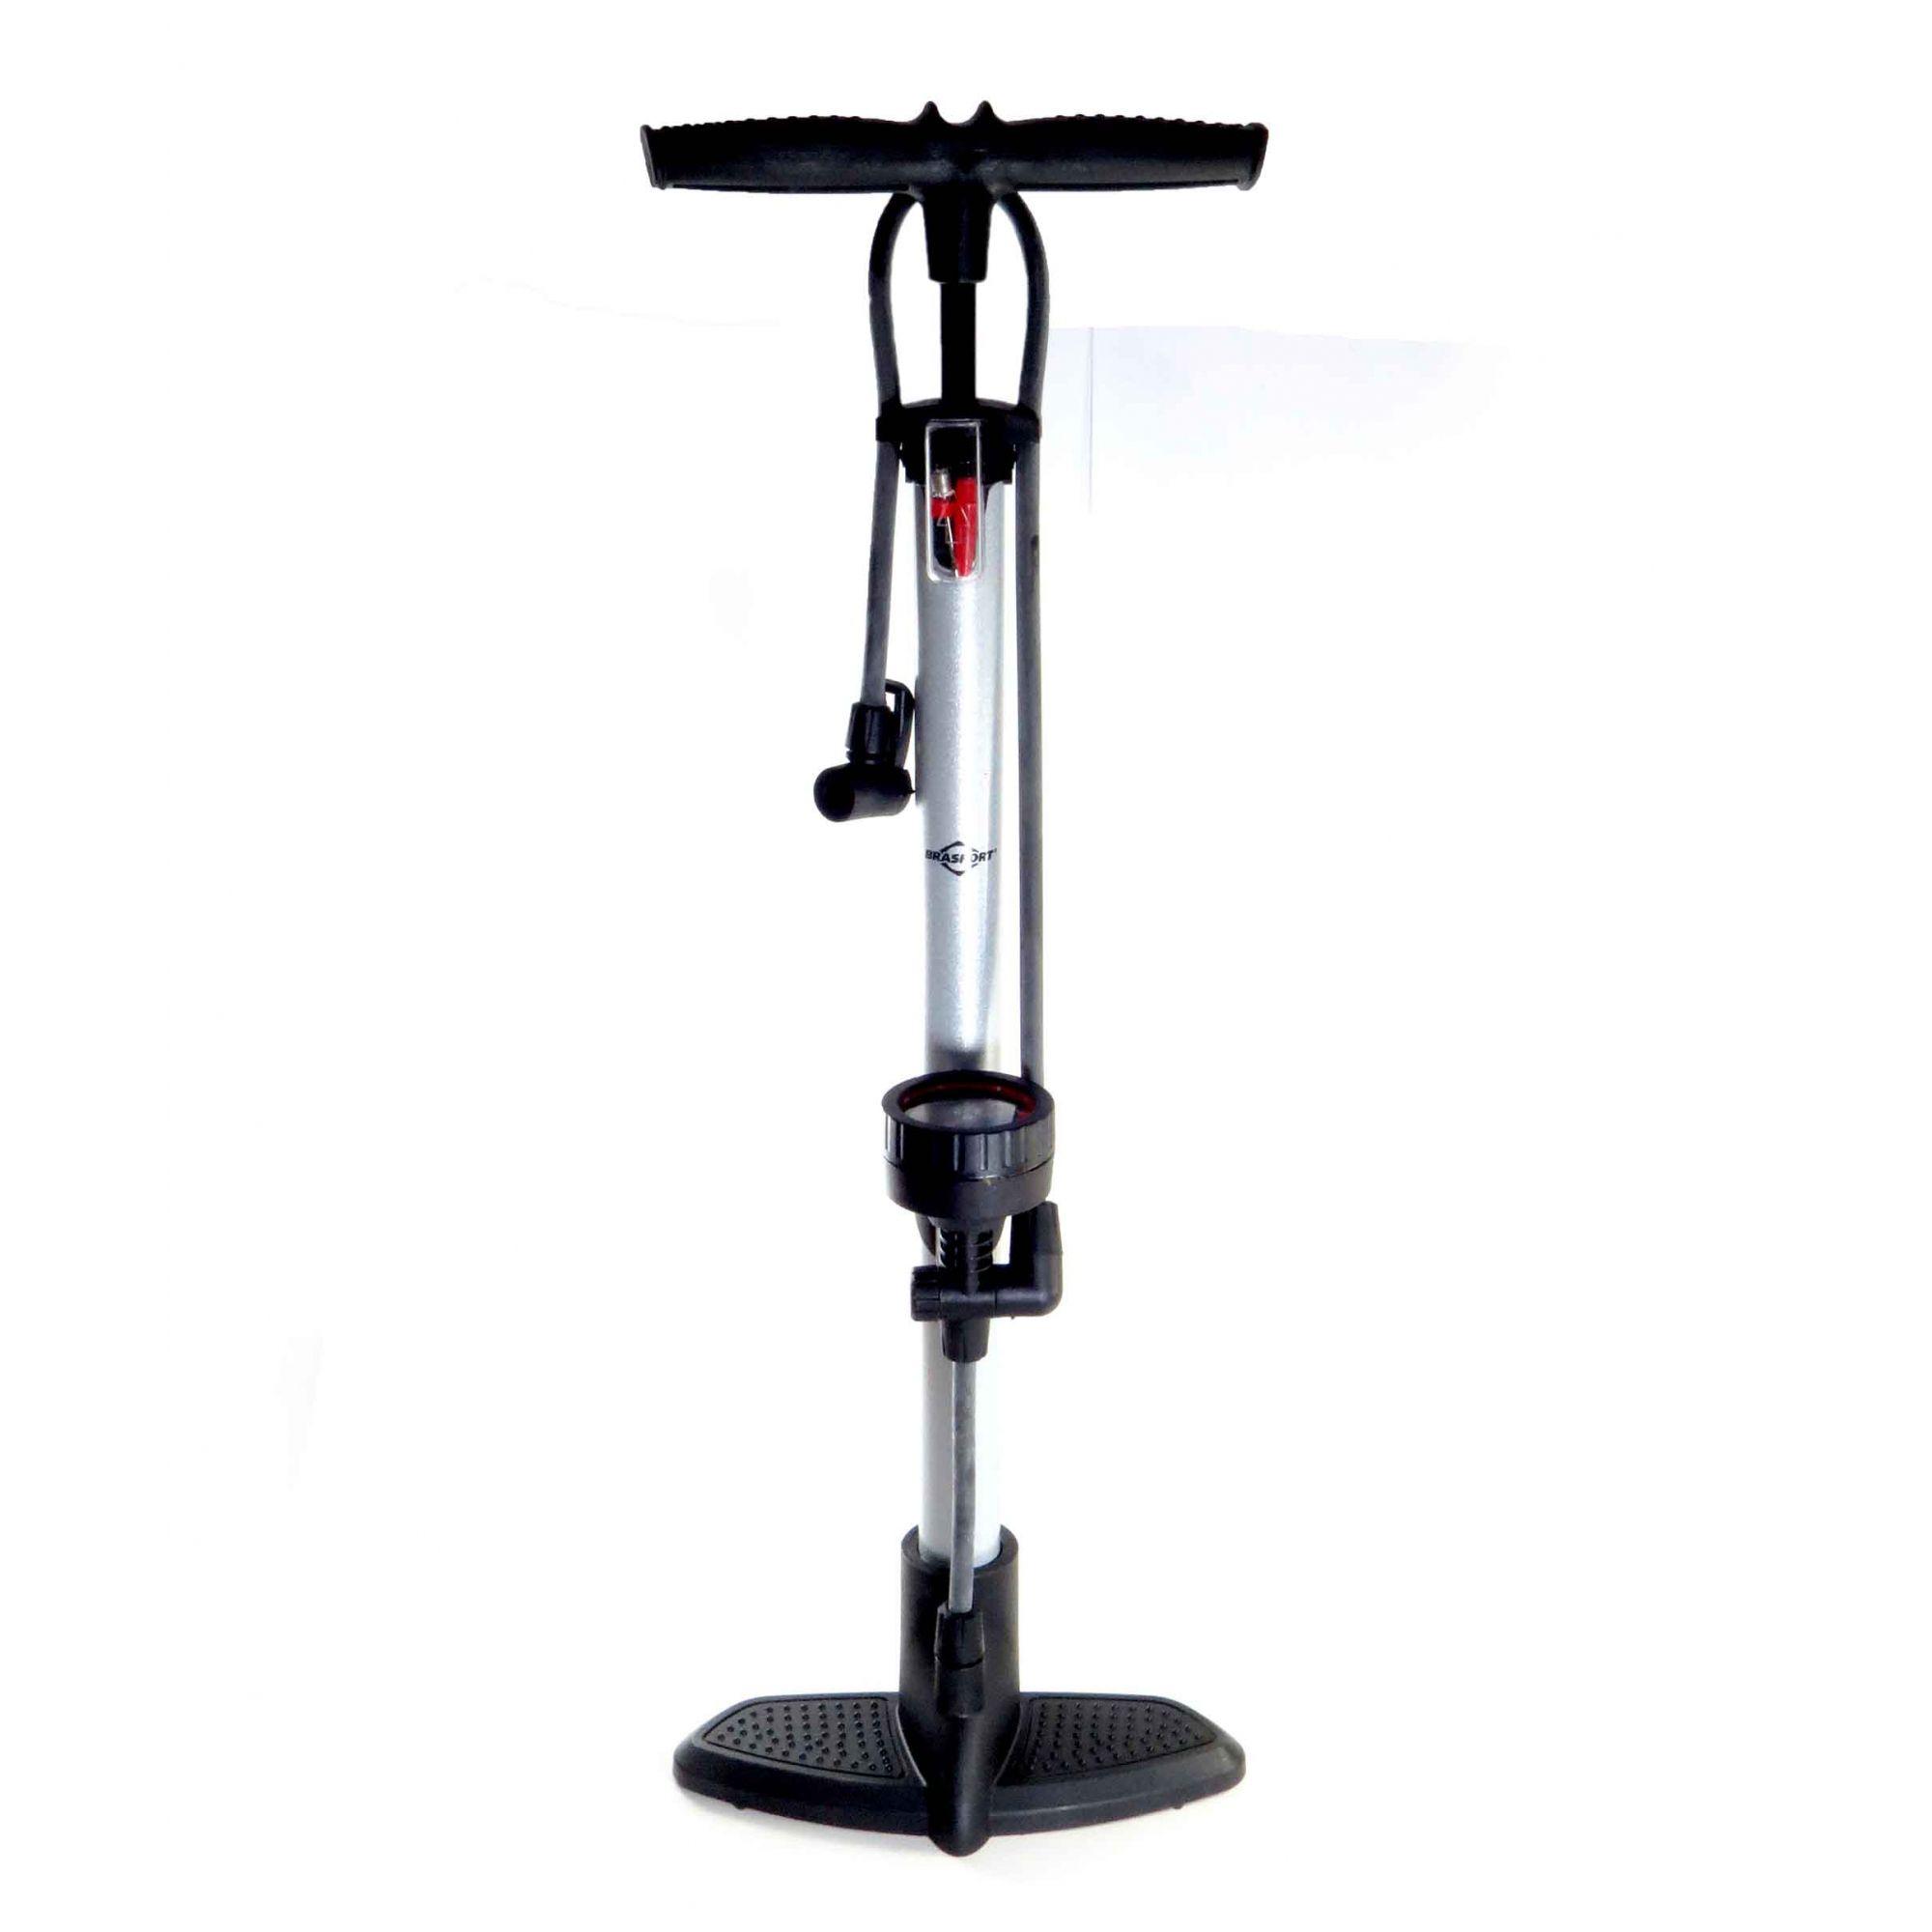 Capa para Bicicleta + Bomba De Ar Manual